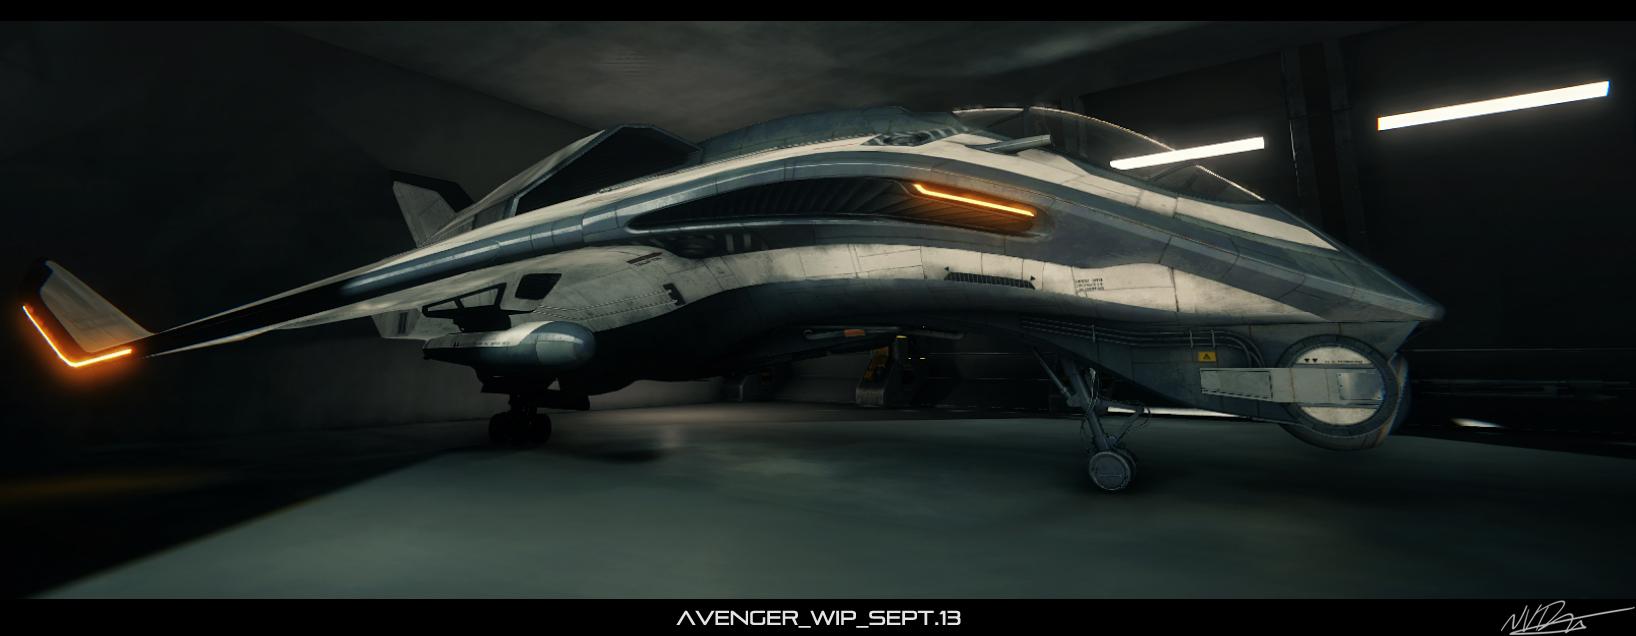 [Afbeelding: Avenger_wip_f.jpg]